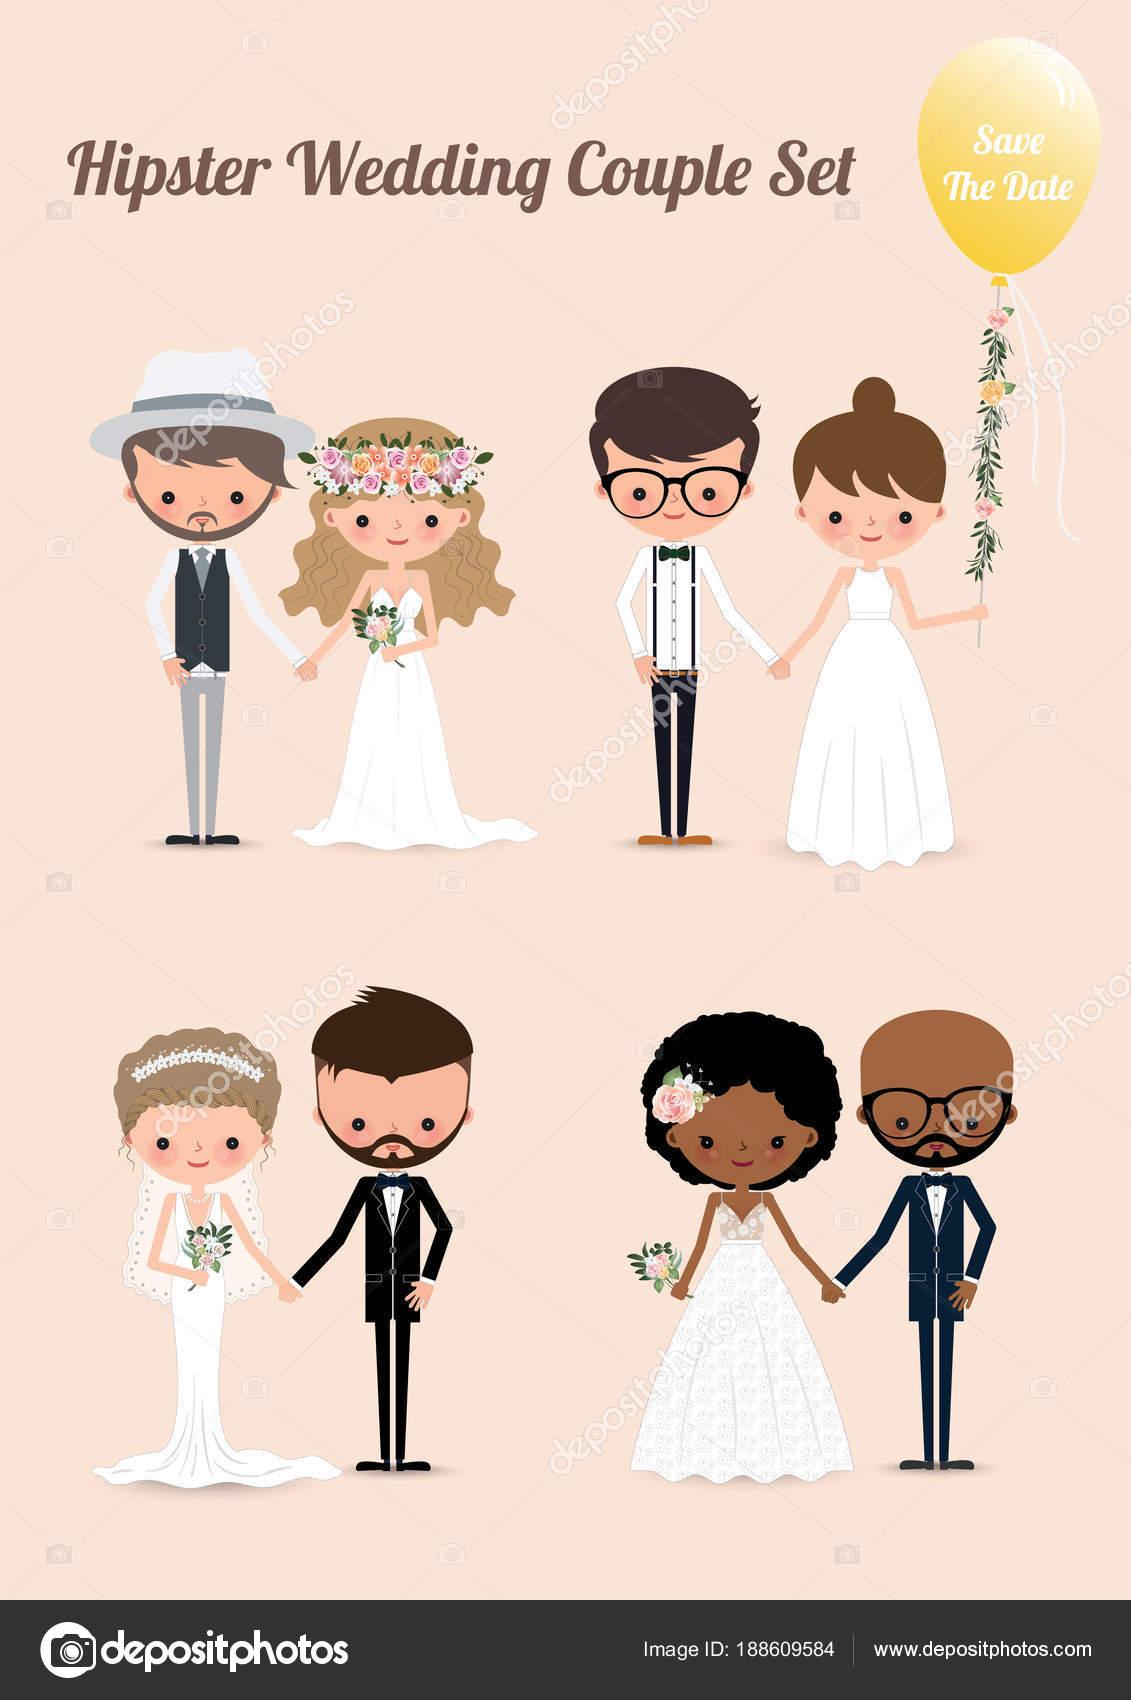 Hipster Hochzeitspaar Set Hipster Hochzeit Paar Set Illustration